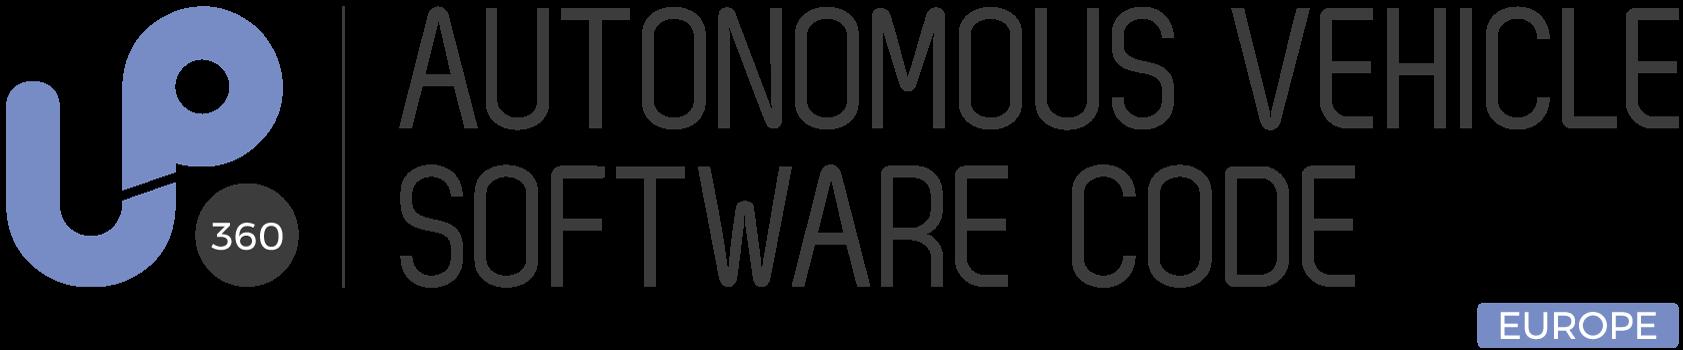 ScaleUp 360° Autonomous Vehicle Software Code